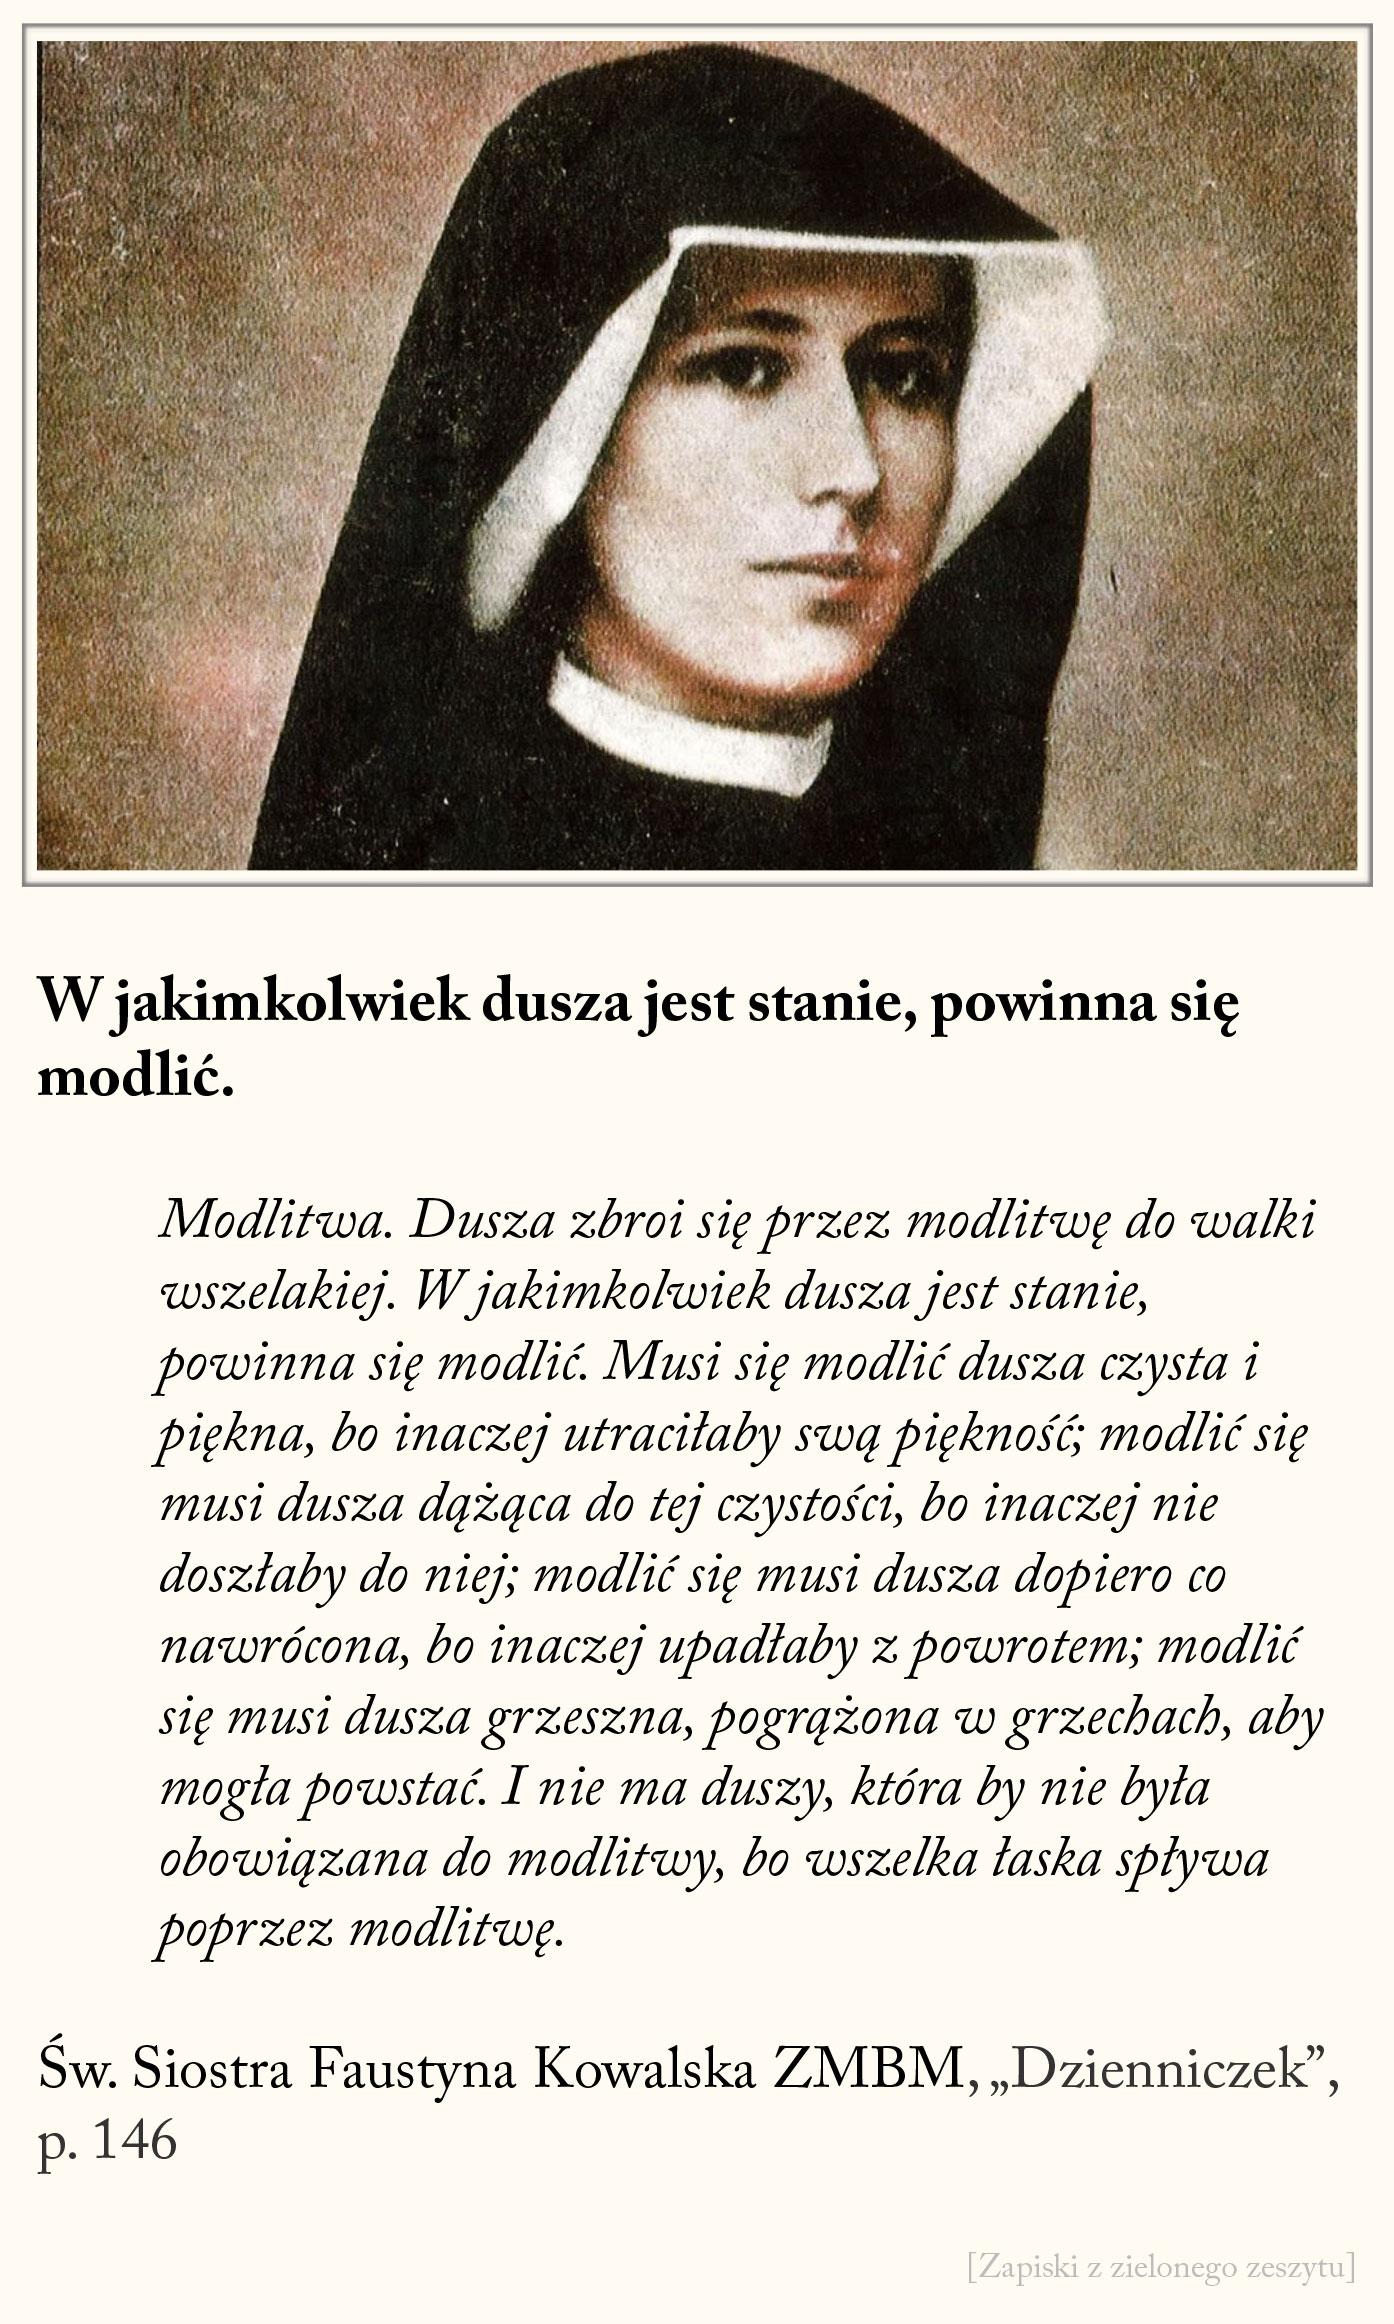 W jakimkolwiek dusza jest stanie powinna się modlić, św. Faustyna Kowalska